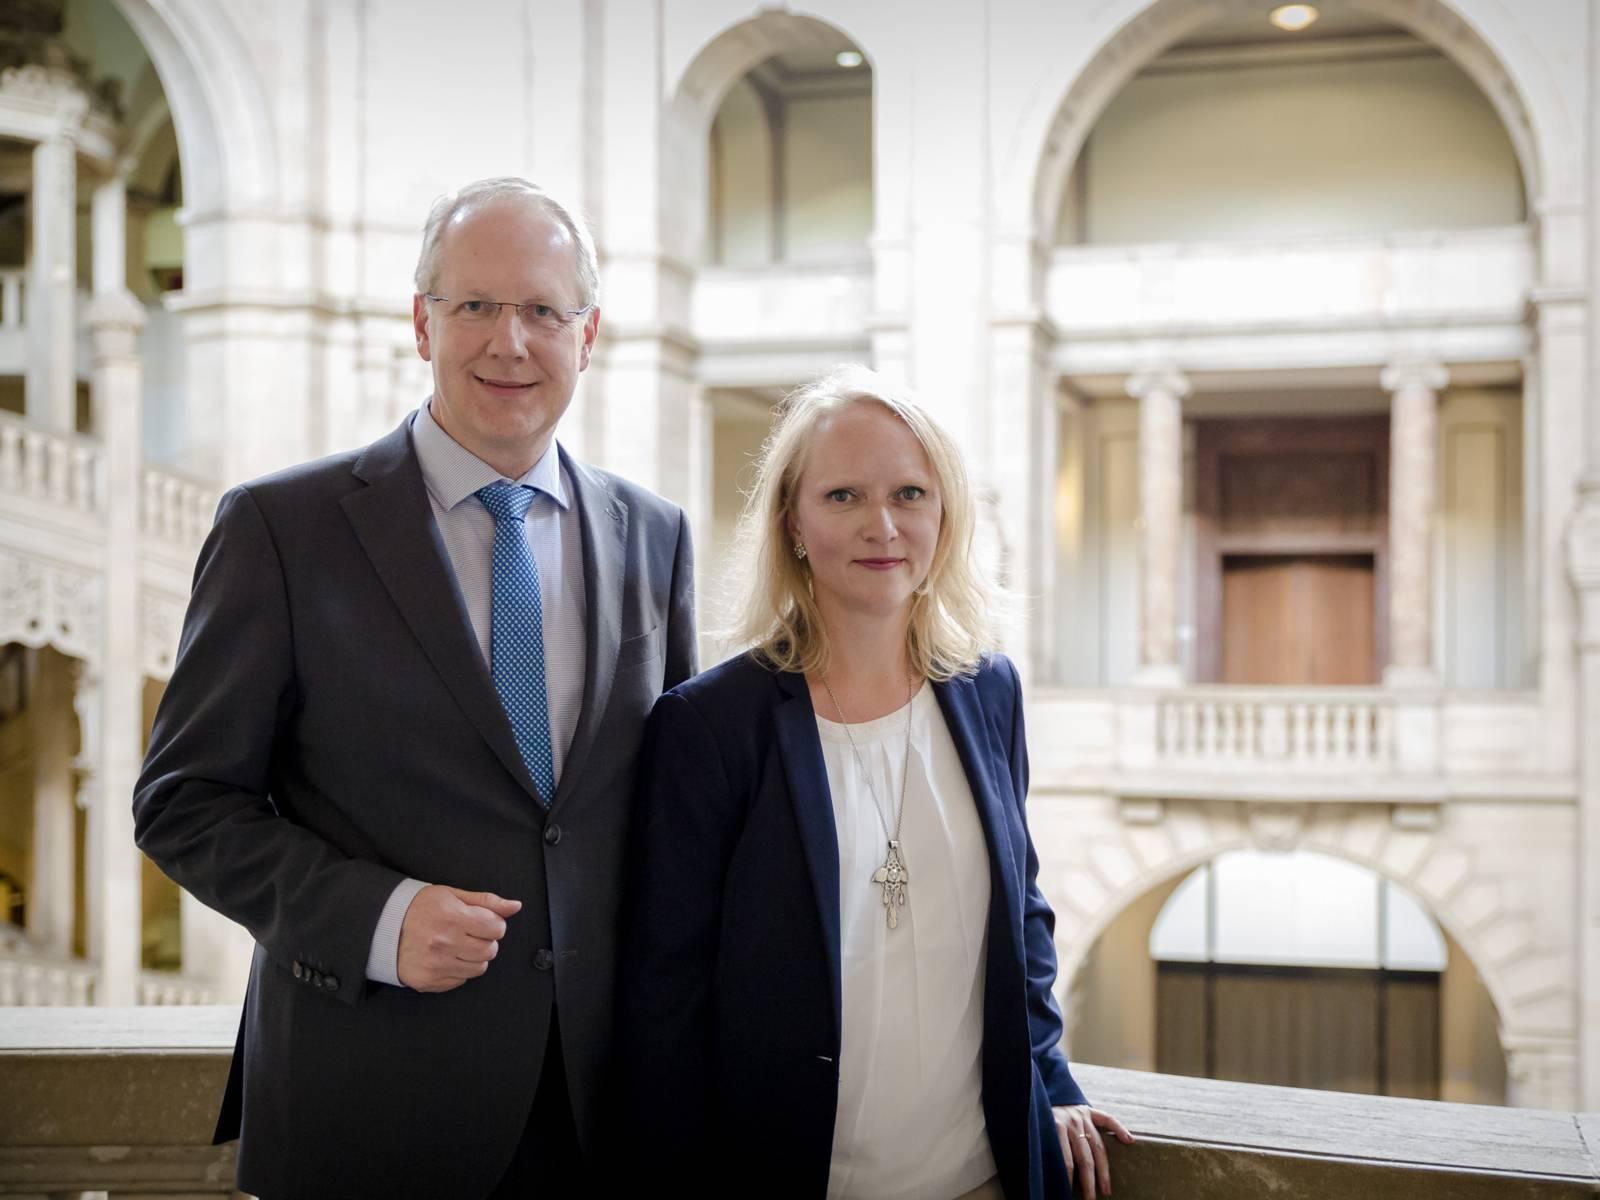 Ein Mann und eine Frau in einer Halle.